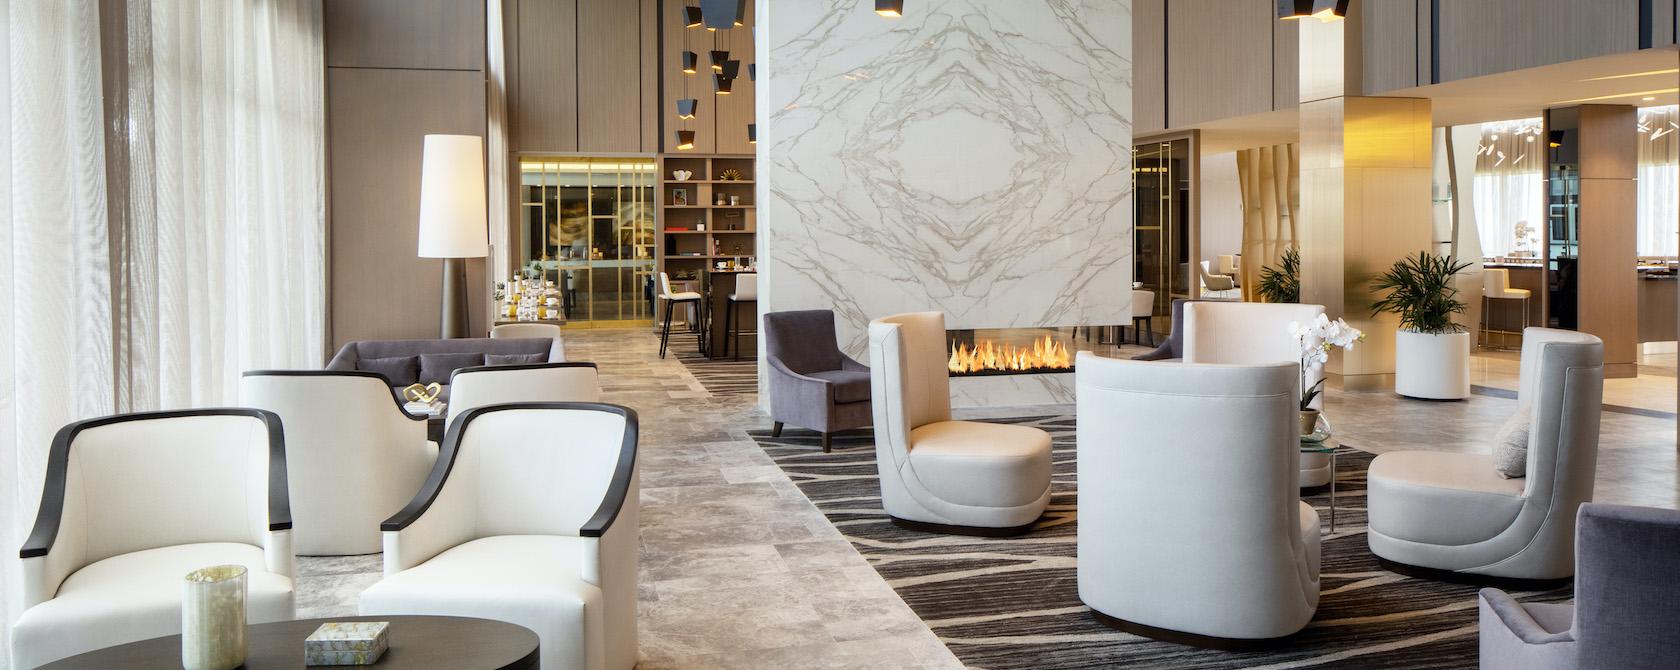 Lobby at the Hilton Aventura Miami